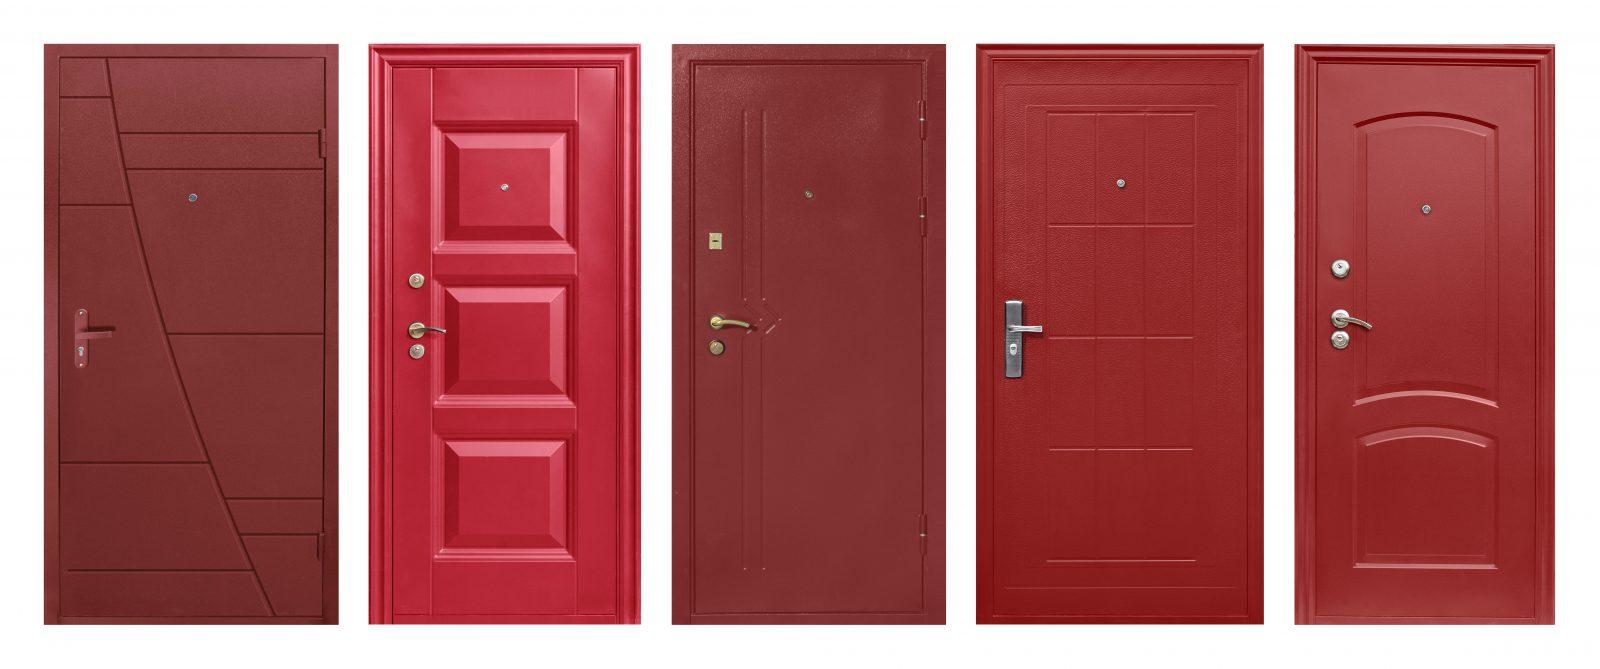 דלתות כניסה ודלתות פנים - מגוון עיצובים